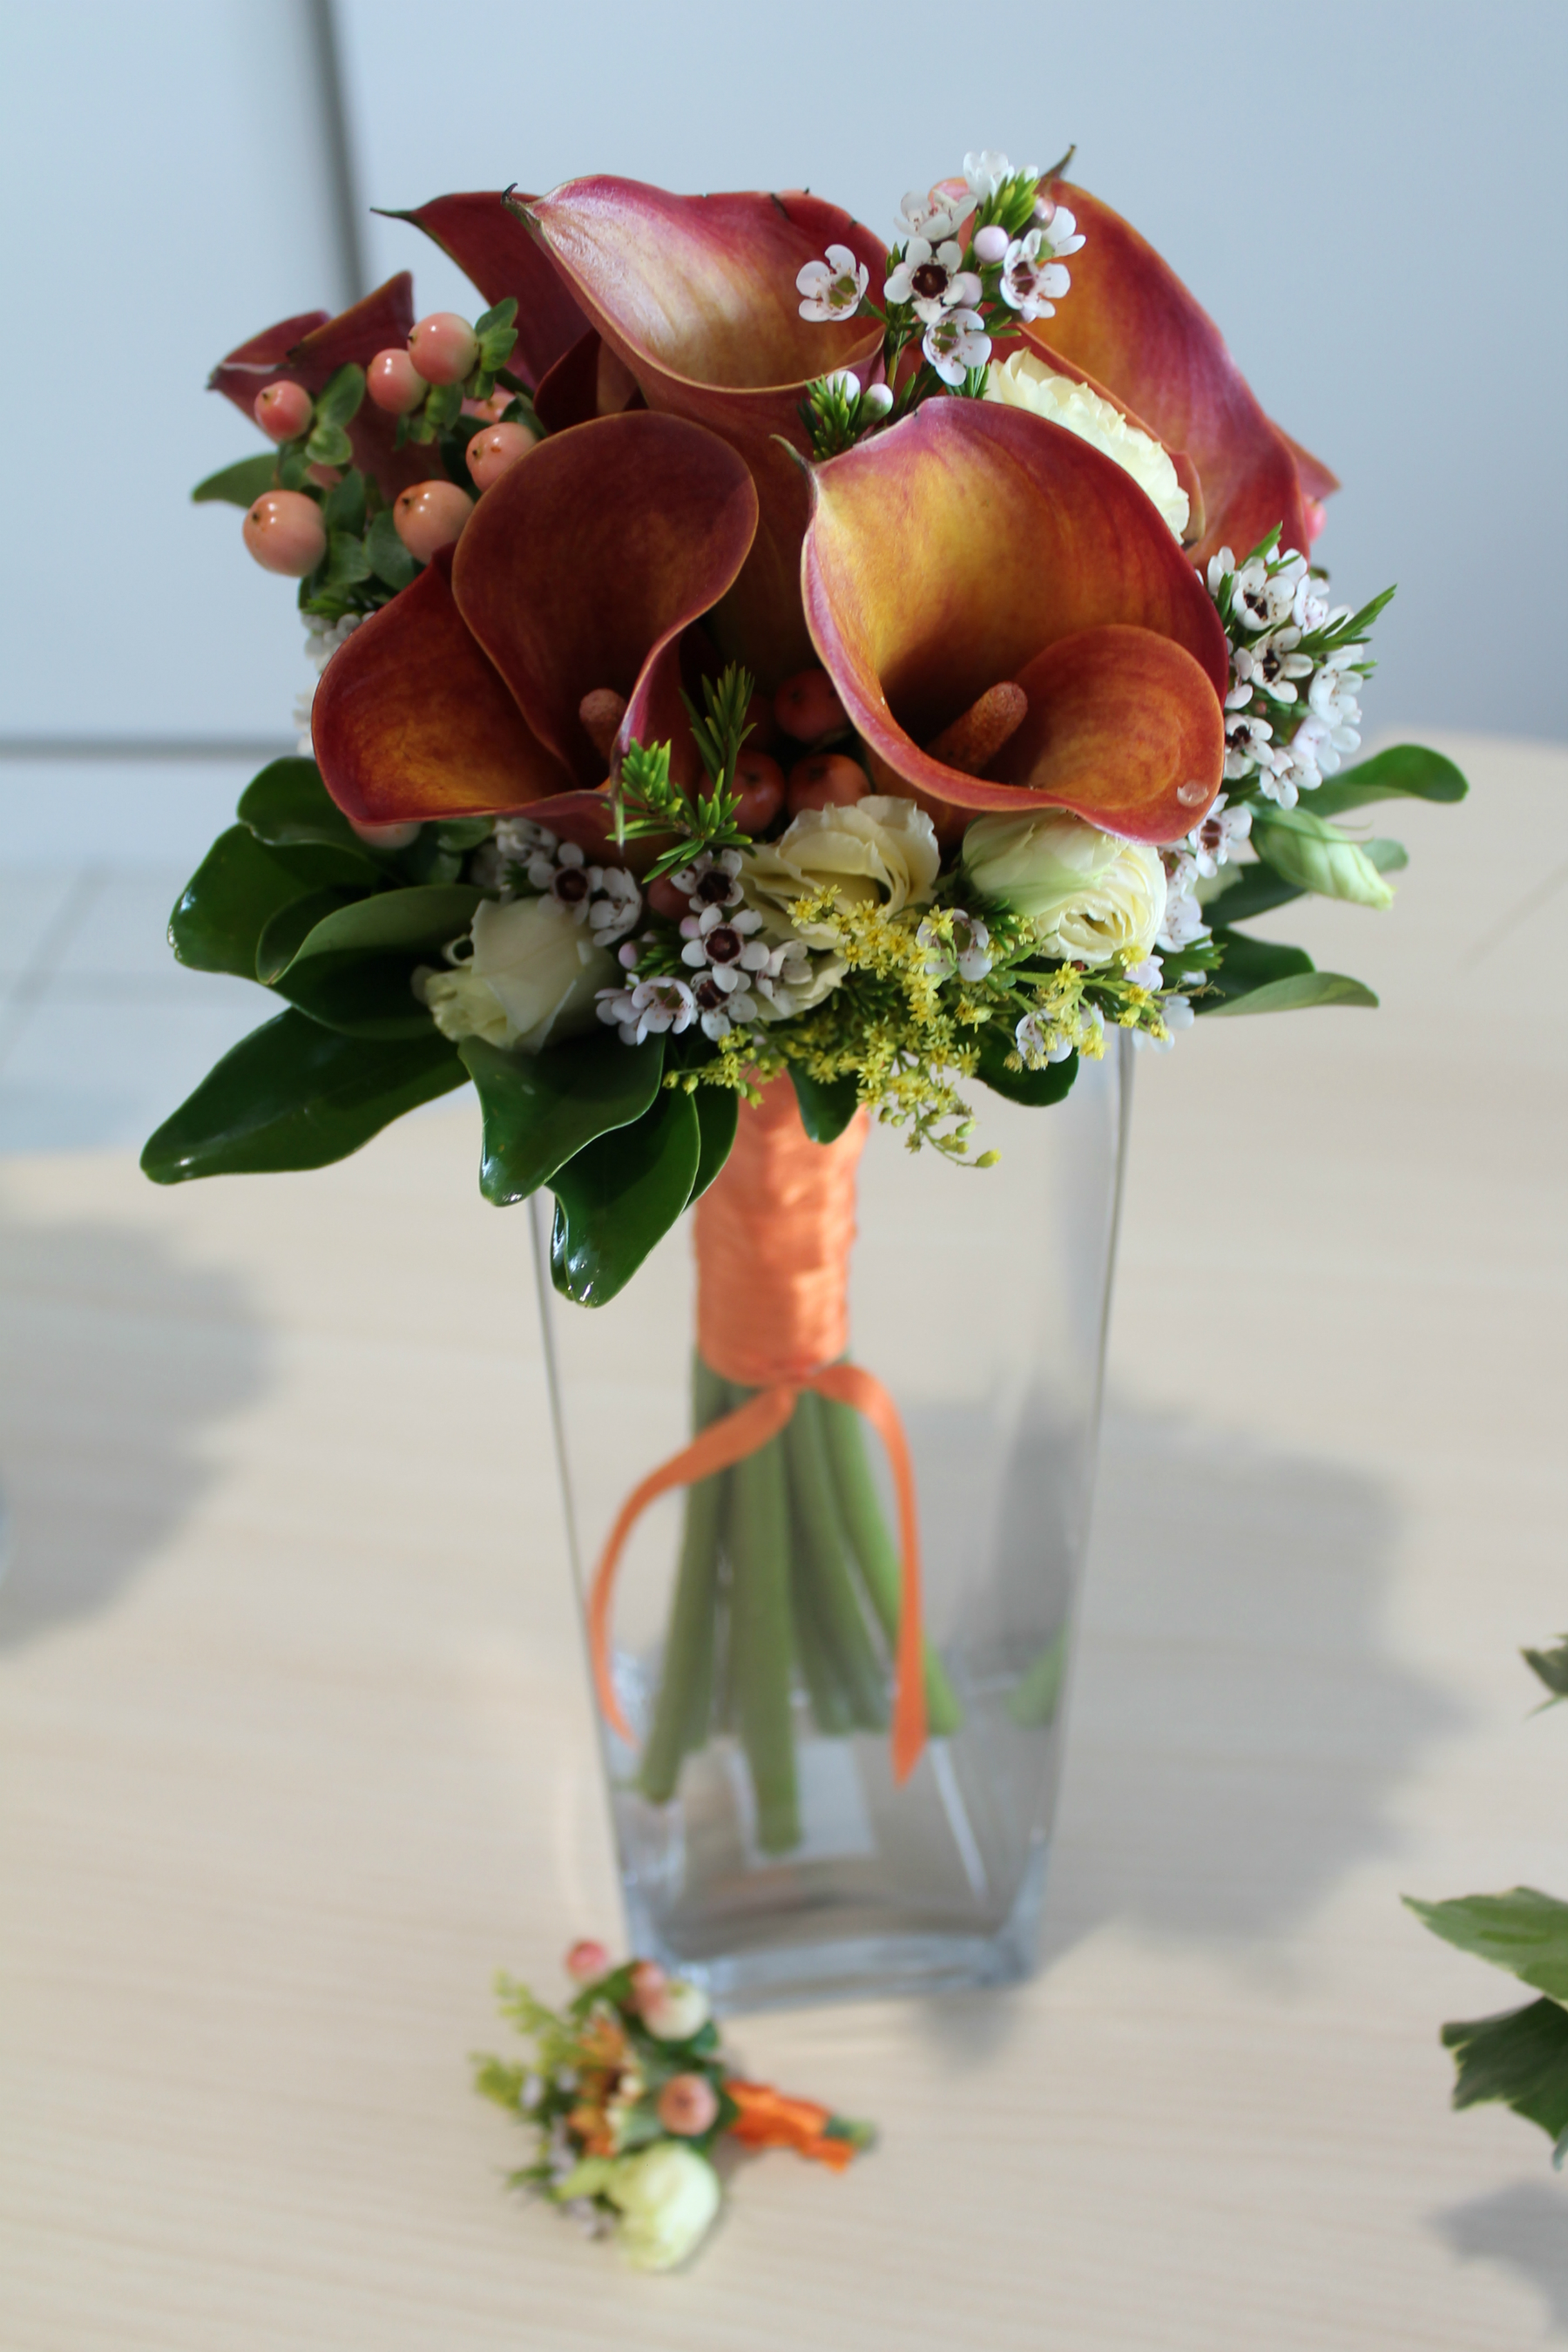 Tendencia floral de Moments en Knox Design / Floral Tendencies from Moments at Knox Design